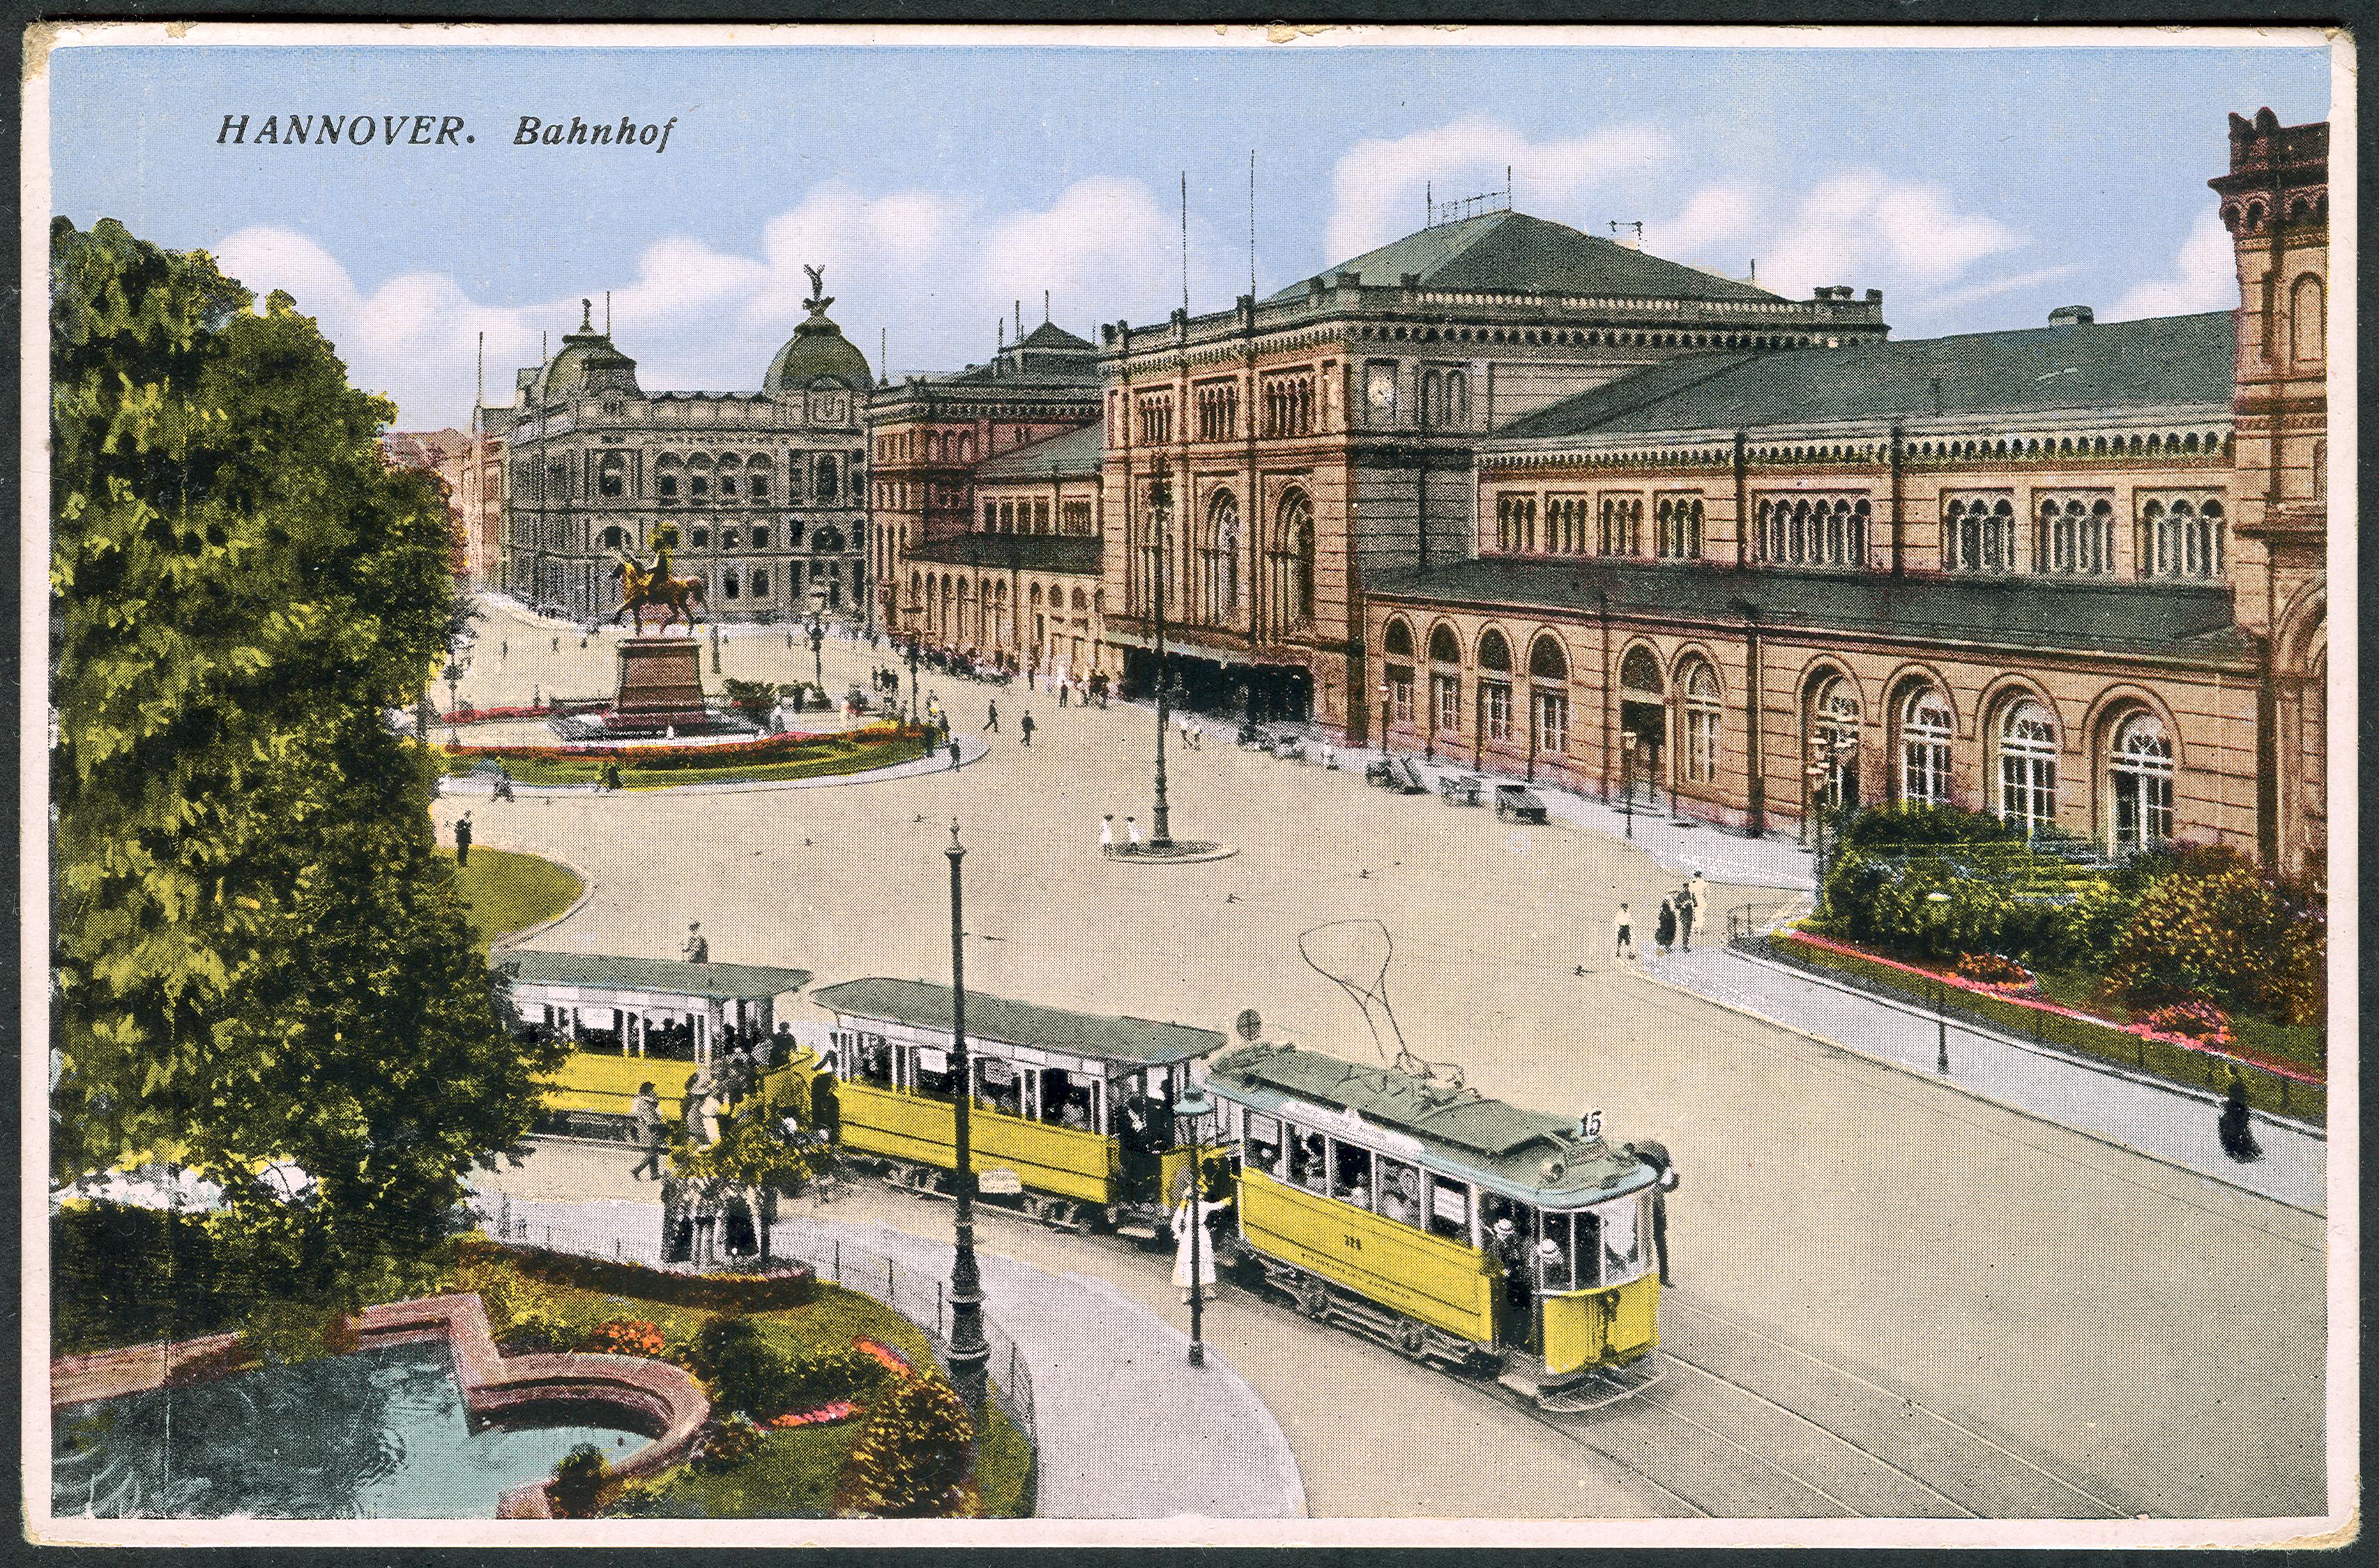 Geschichte Der Strassenbahn In Hannover Wikipedia